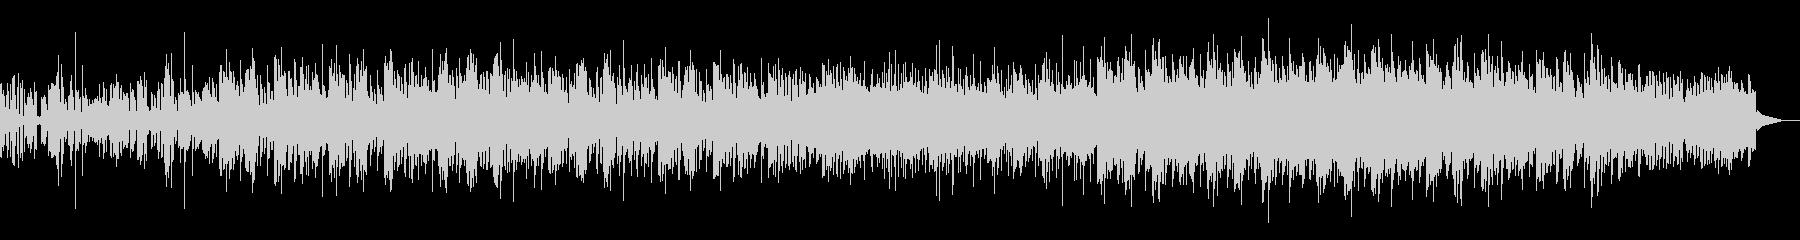 ダークで陰鬱なトリップホップの未再生の波形